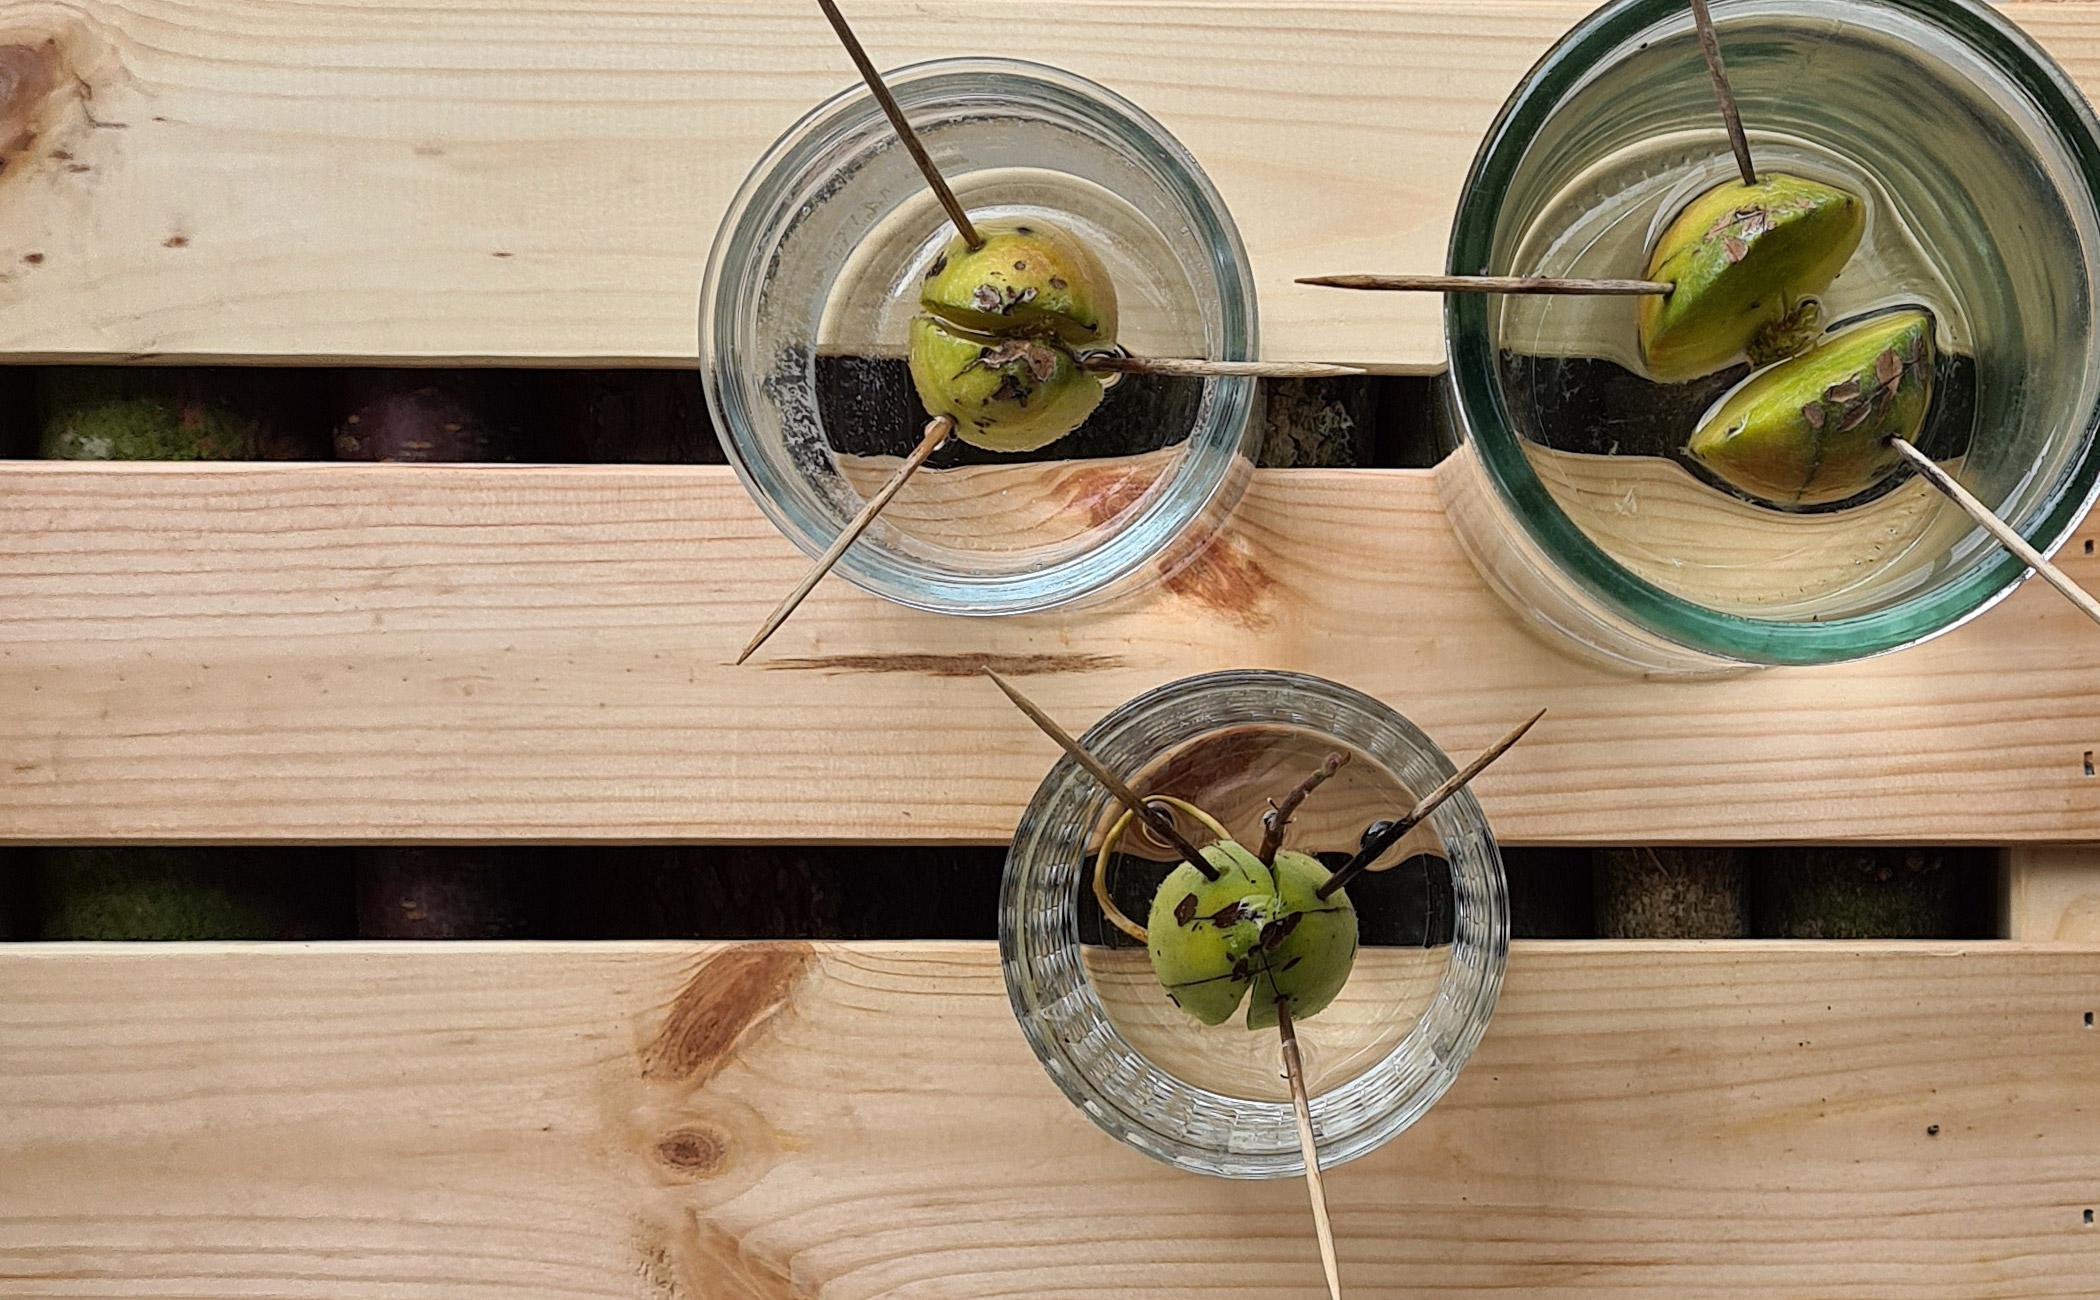 Sådan planter og dyrker du din egen avocado-plante